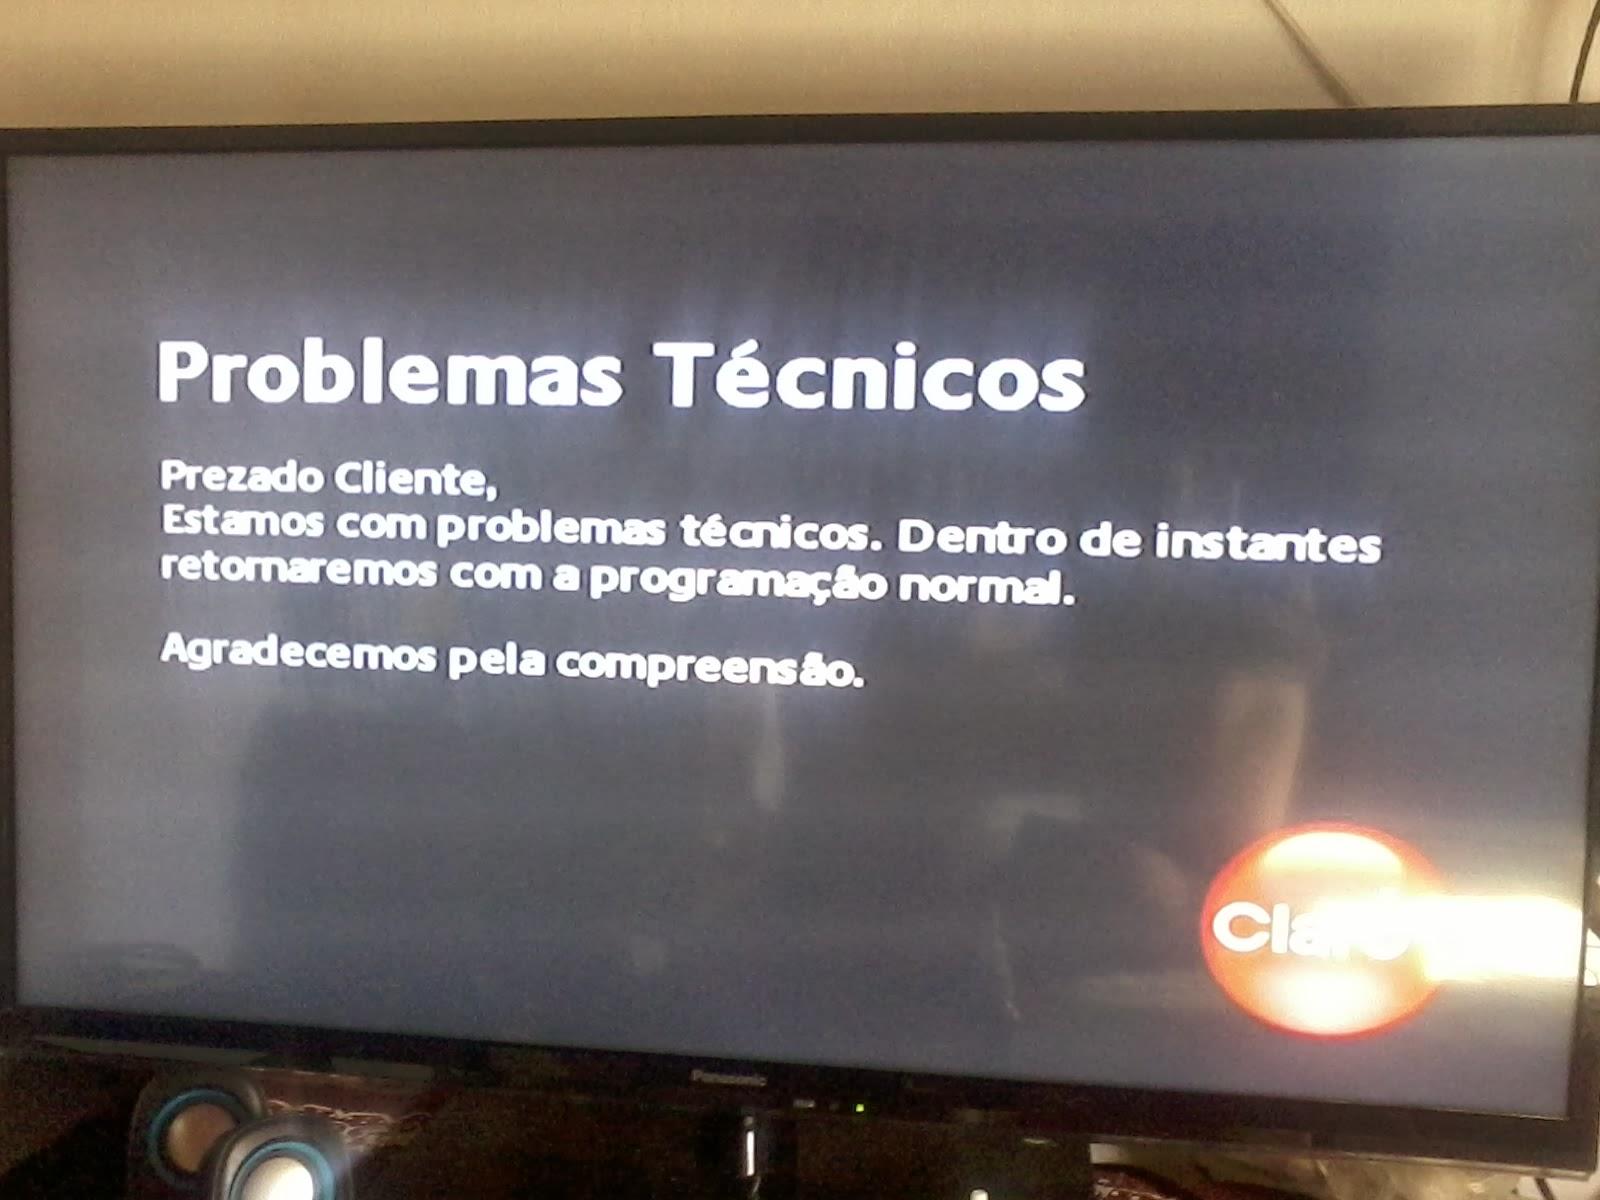 CLAROTV MECHENDO NO SISTEMA Fotoantenacs